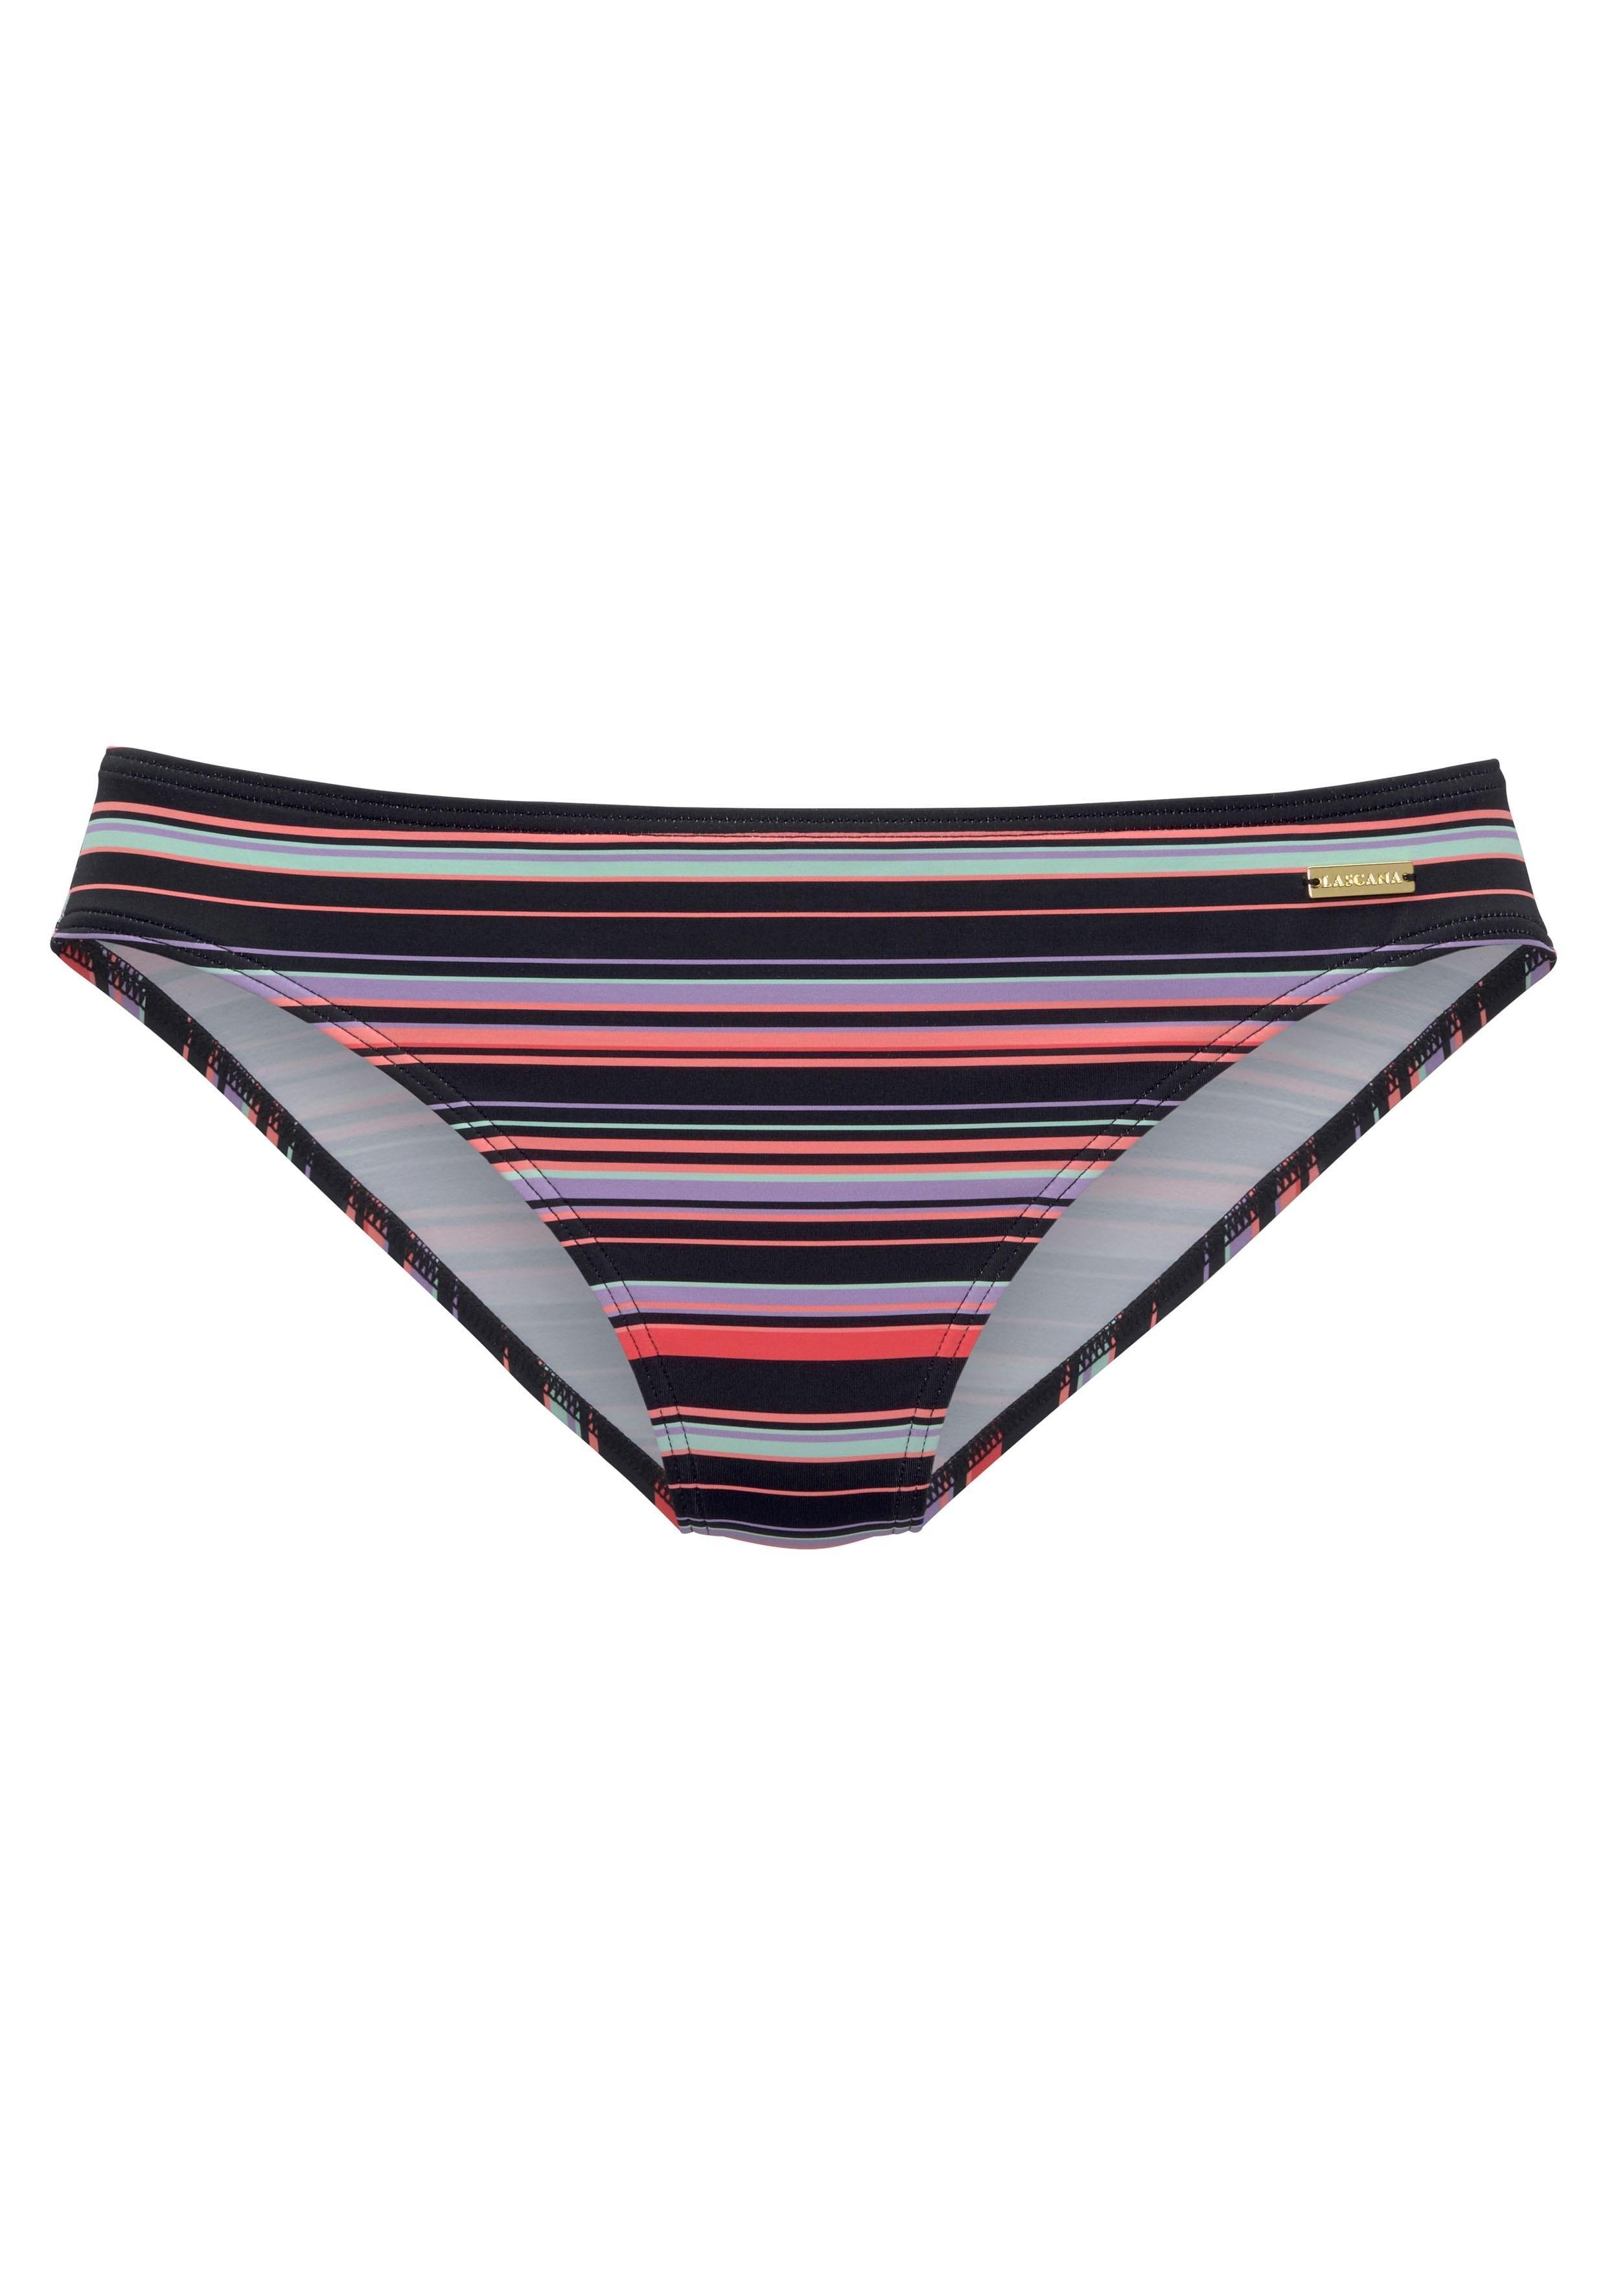 Lascana bikinibroekje »Rivièra« bij OTTO online kopen